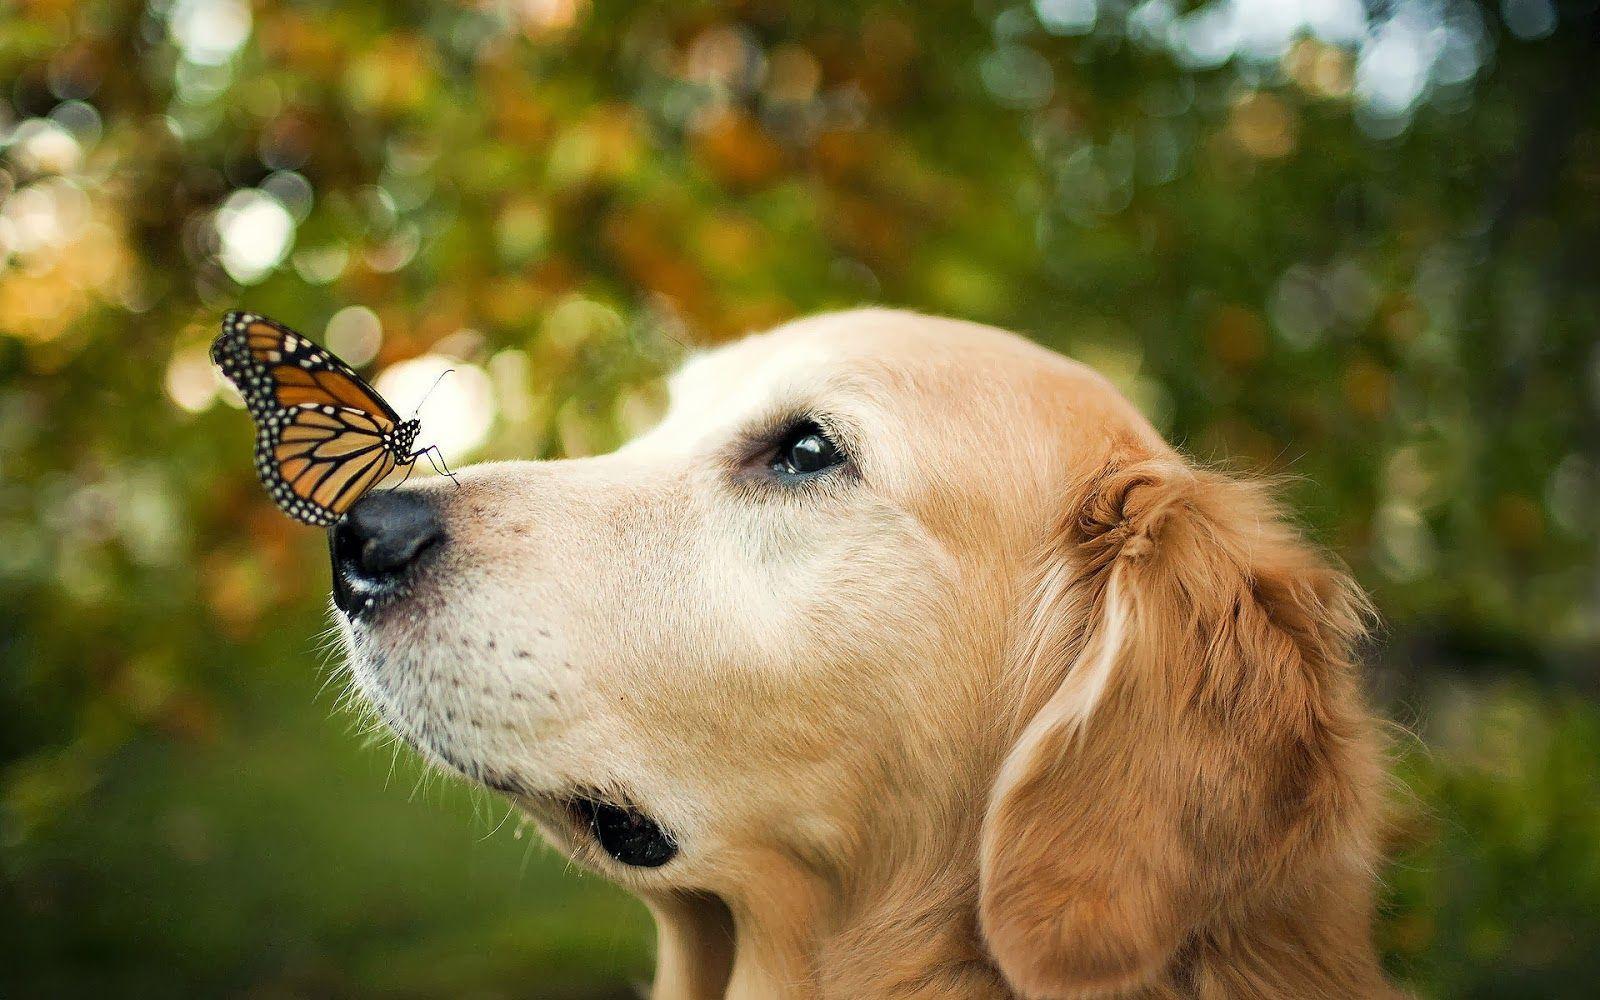 hund mit schmetterling auf schnauze  animaux mignons